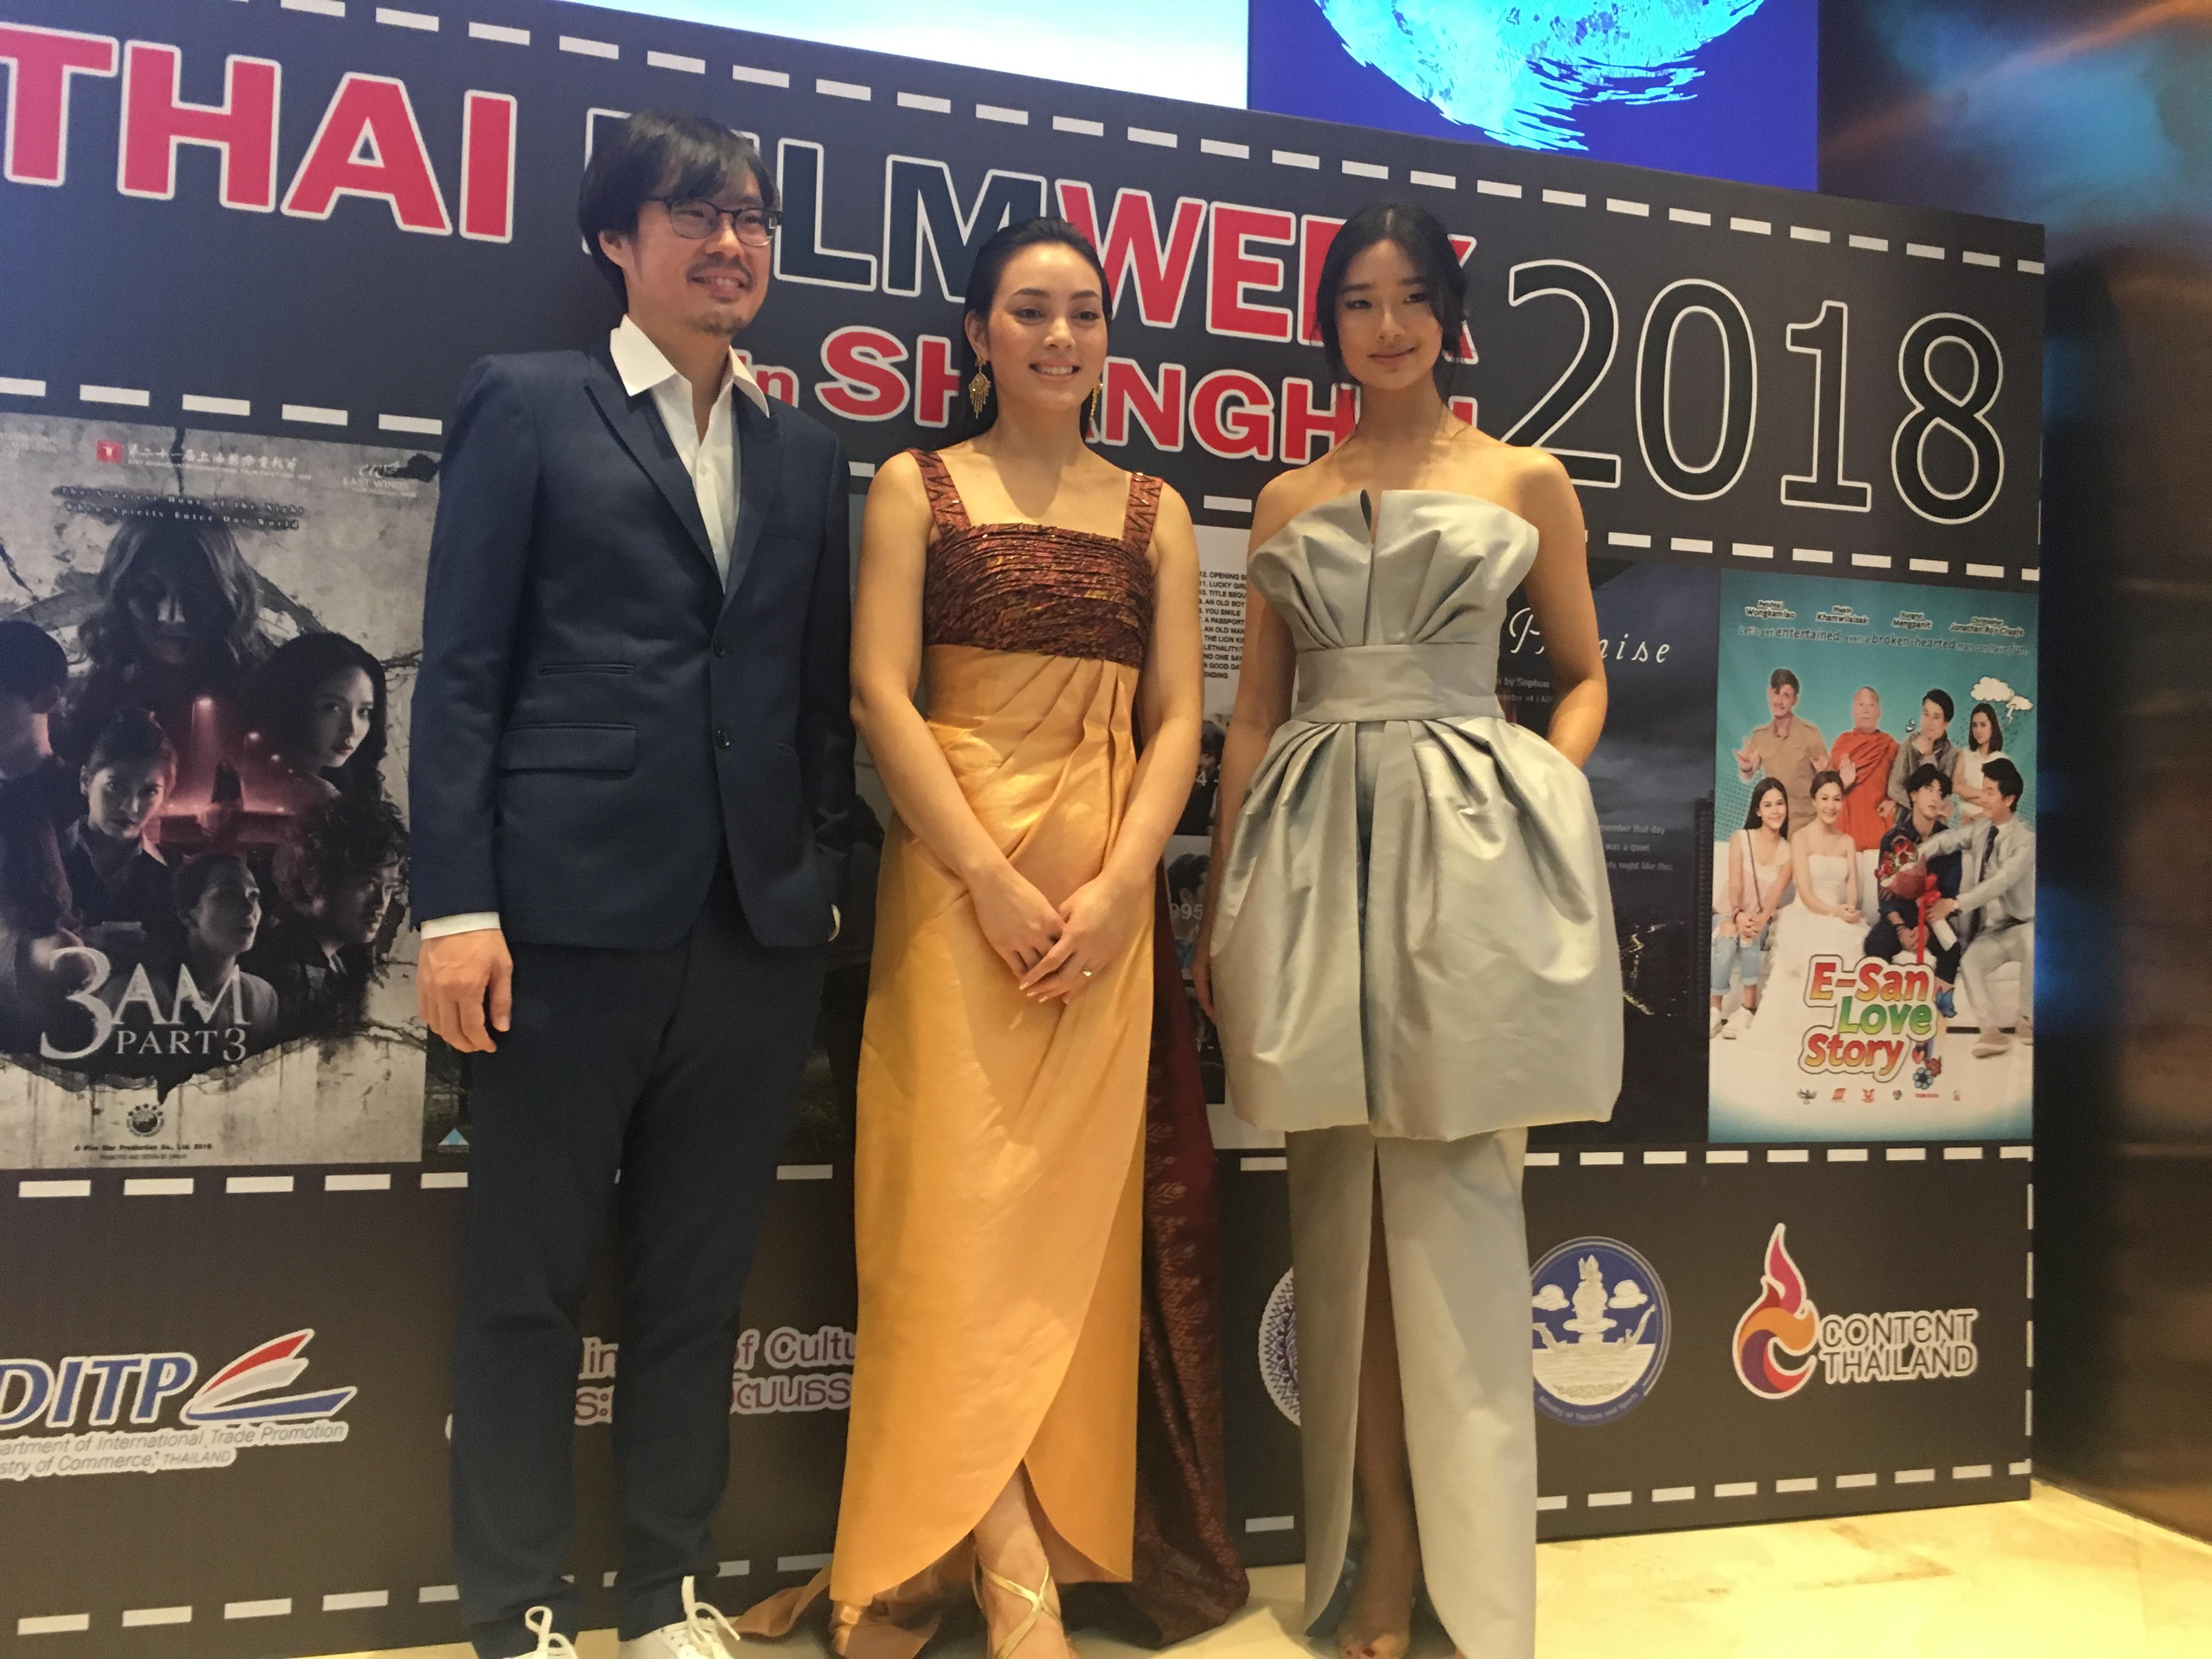 泰国补丁茱蒂蒙:小琳海滩最解码范冰冰老师明星喜欢4性感5.0图片